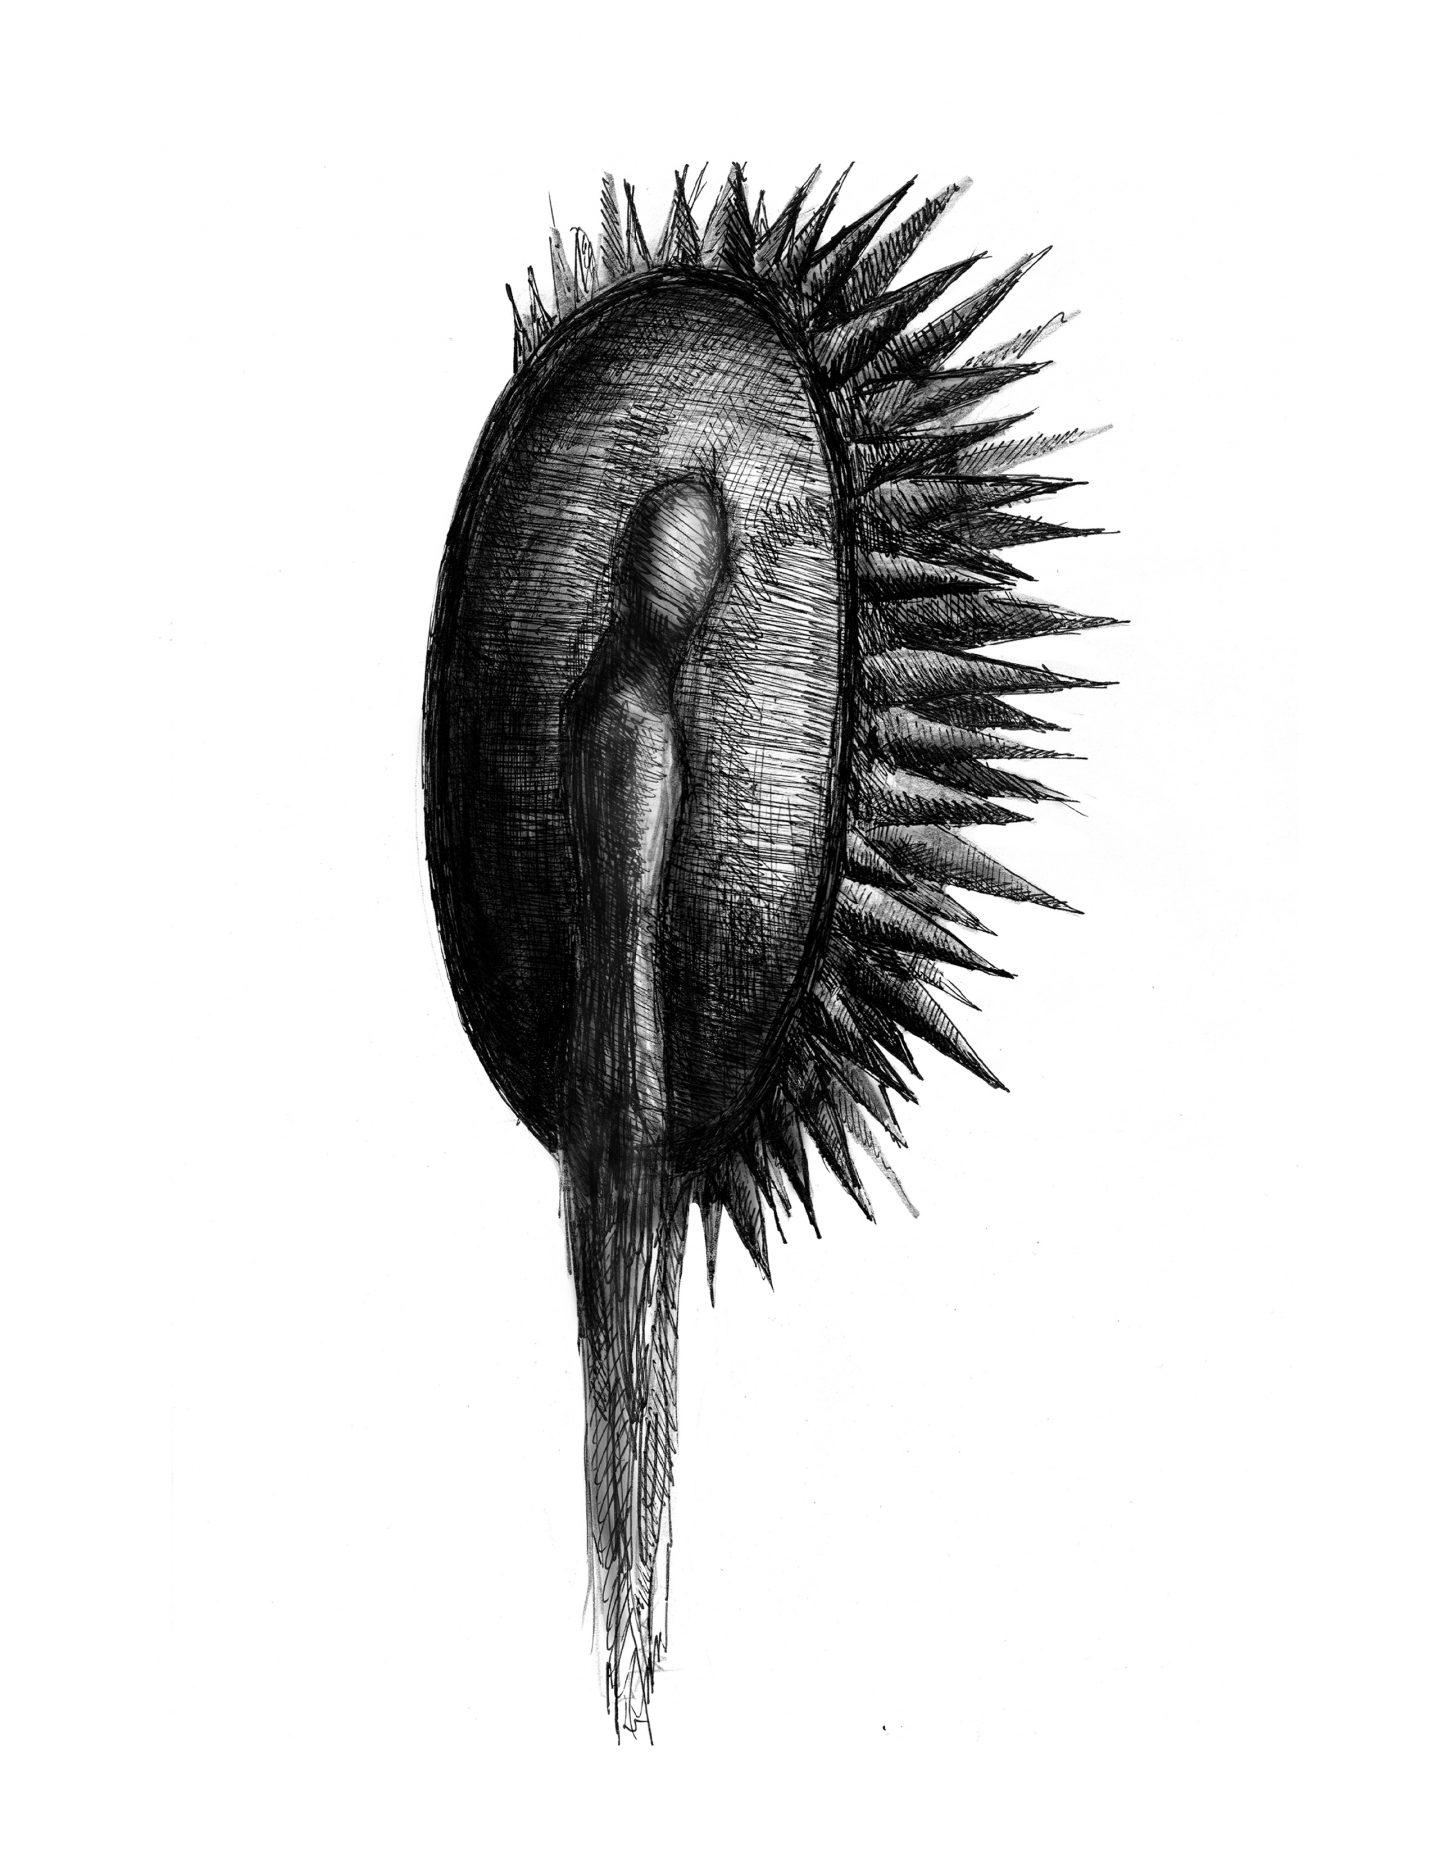 Malutki punkcik na strasznie czarnym oceanie